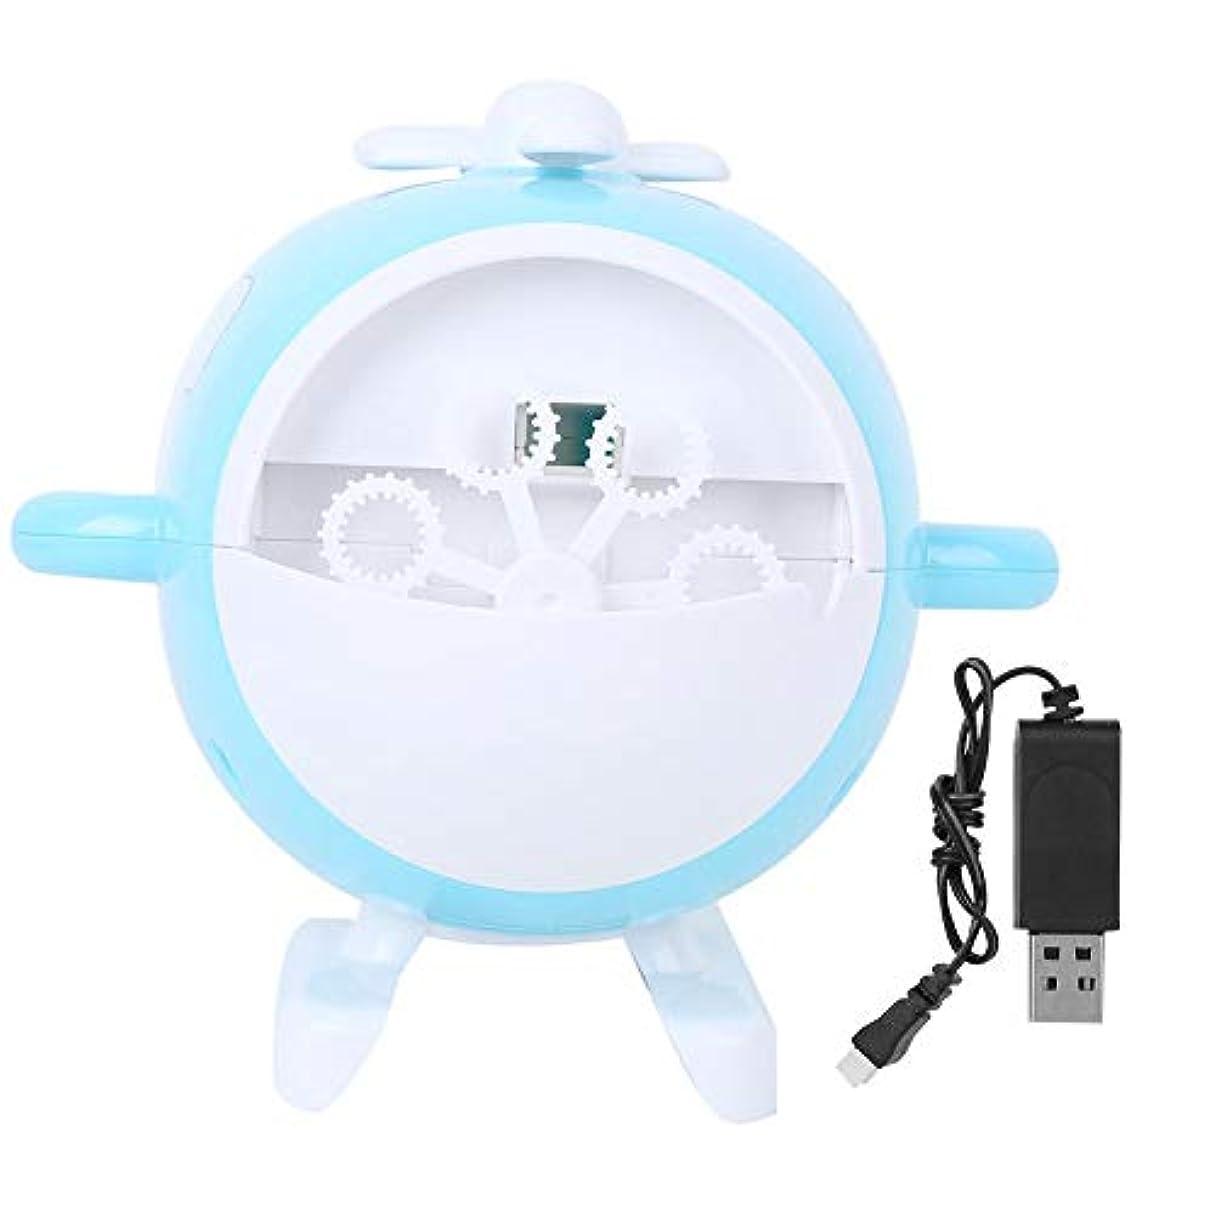 便宜パンツ音楽家泡送風機、泡メーカー、子供向け、環境に優しい、誕生日パーティー用の耐久性アウトドア(Blue (chargeable version))